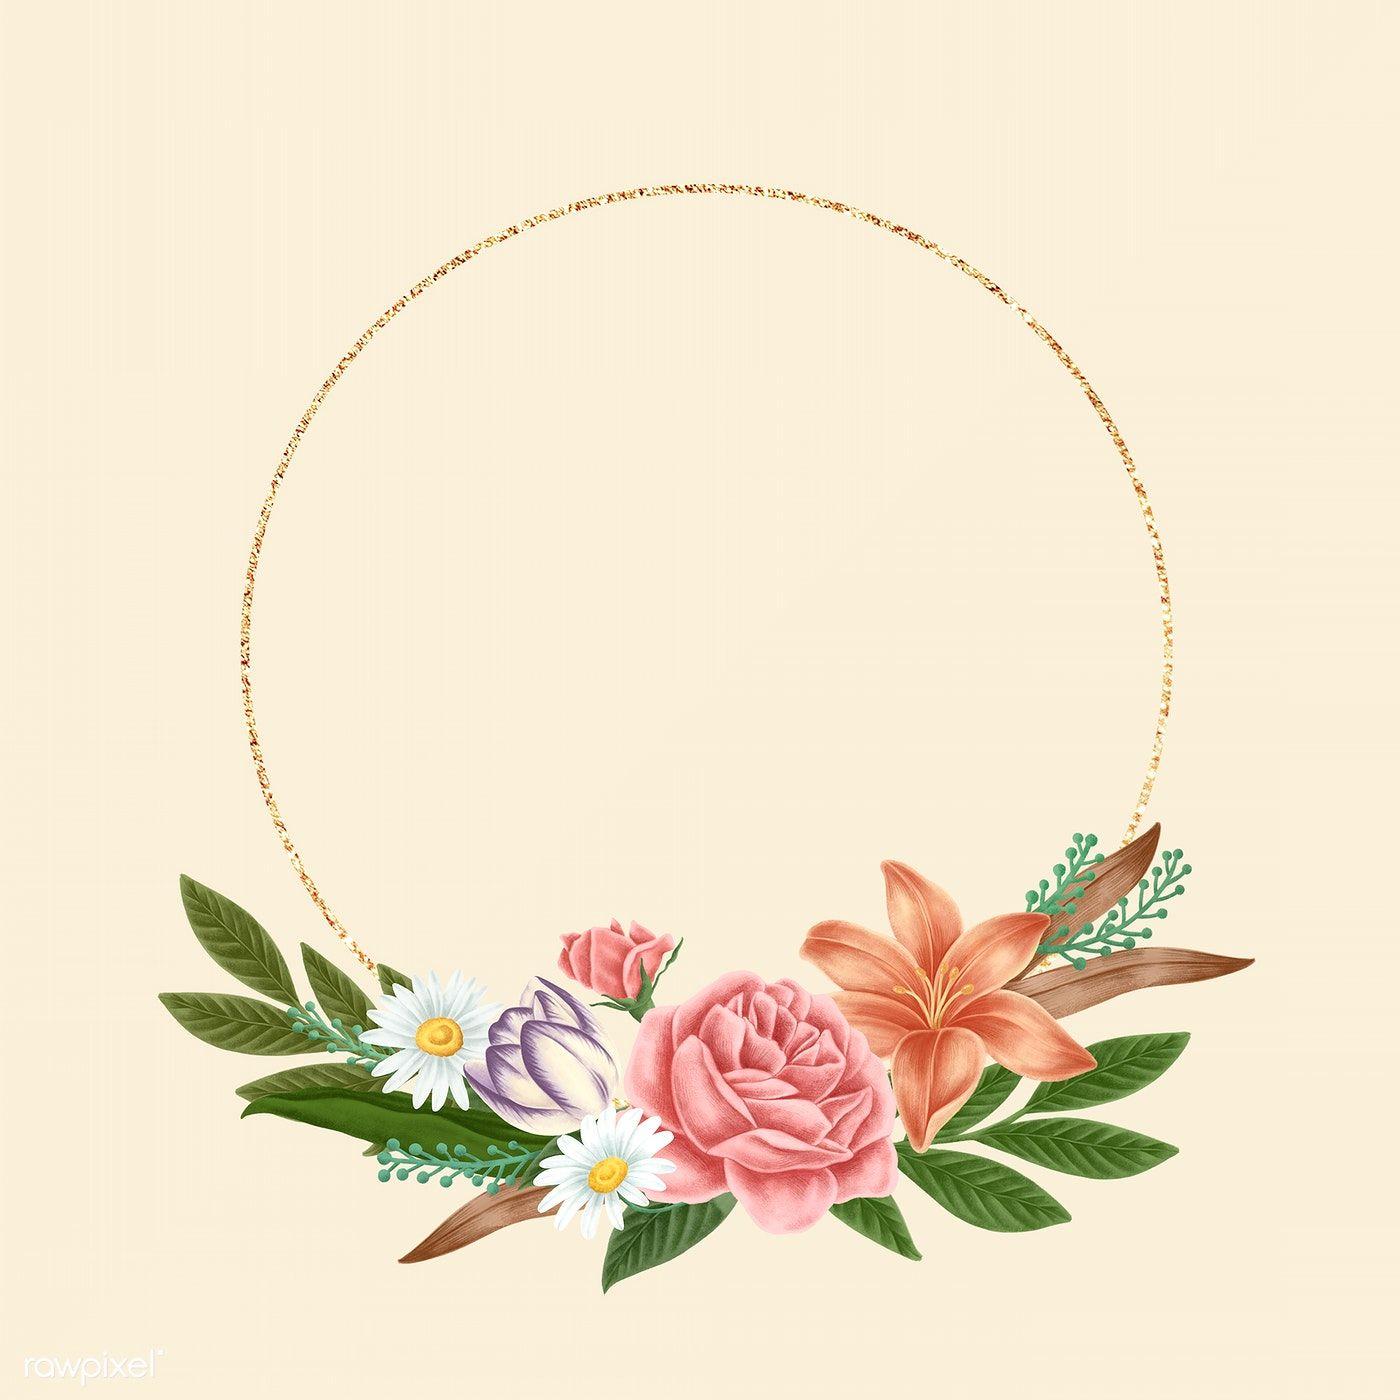 Download Premium Illustration Of Floral Frame Template Design Illustration In 2020 Flower Logo Design Flower Frame Floral Border Design